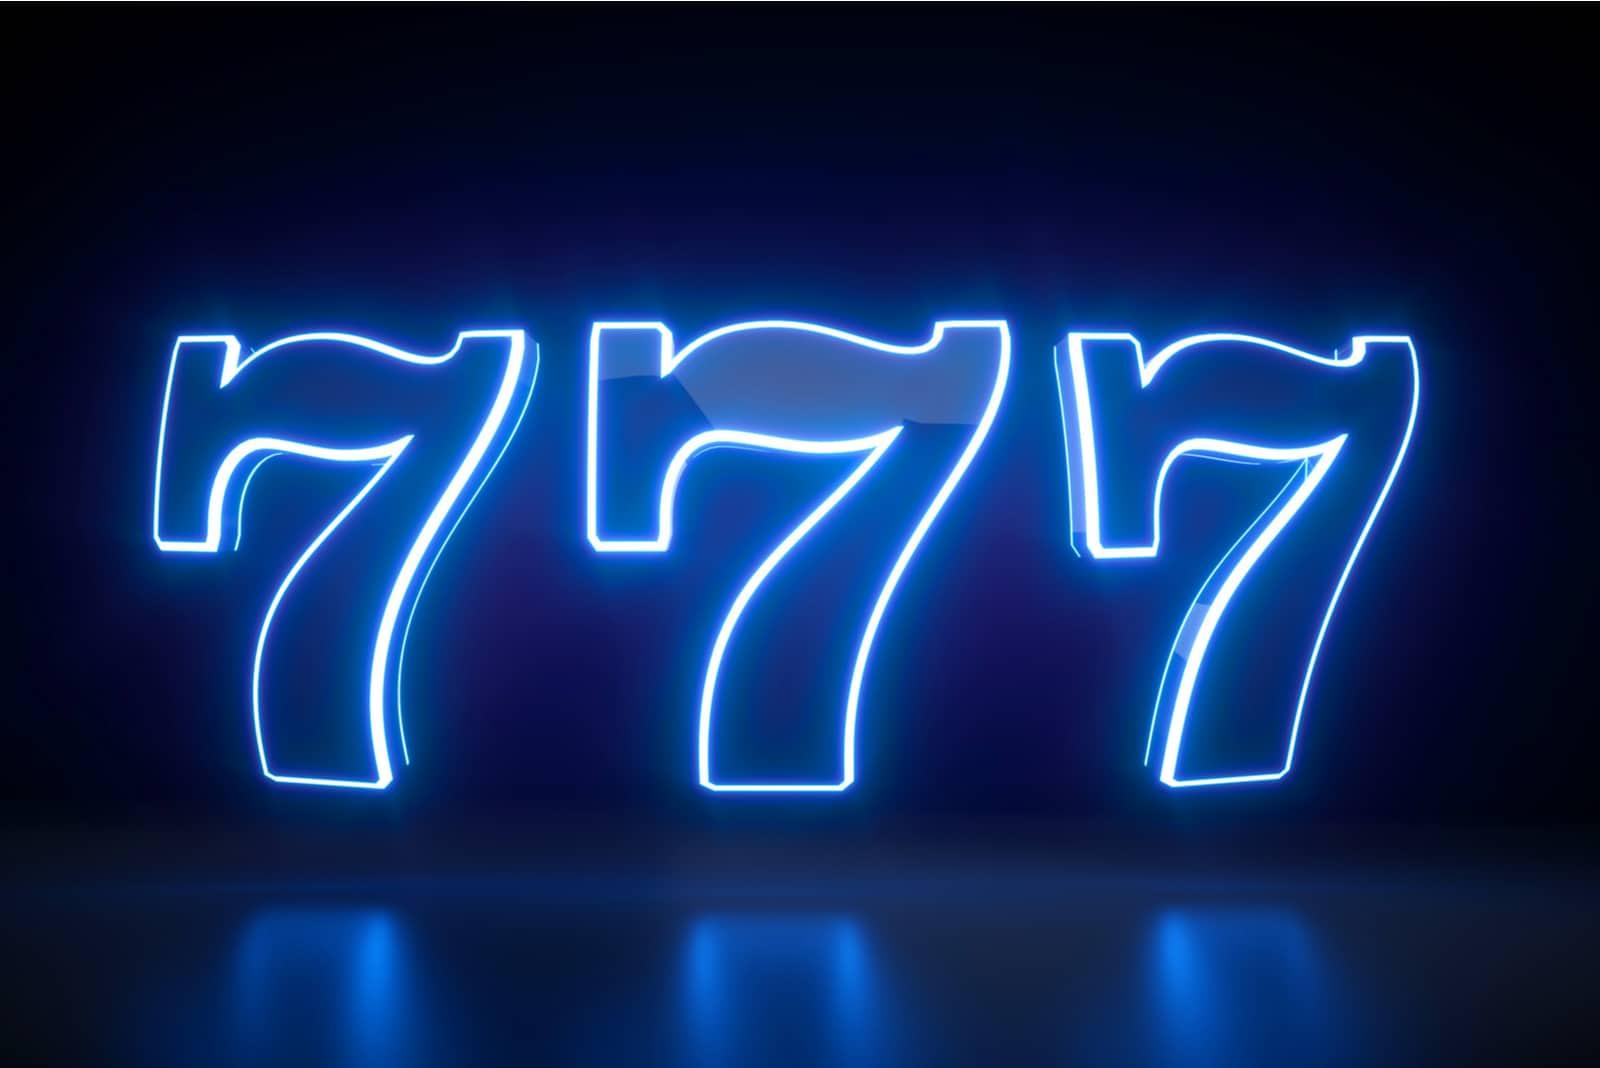 numéro 777 sur fond bleu